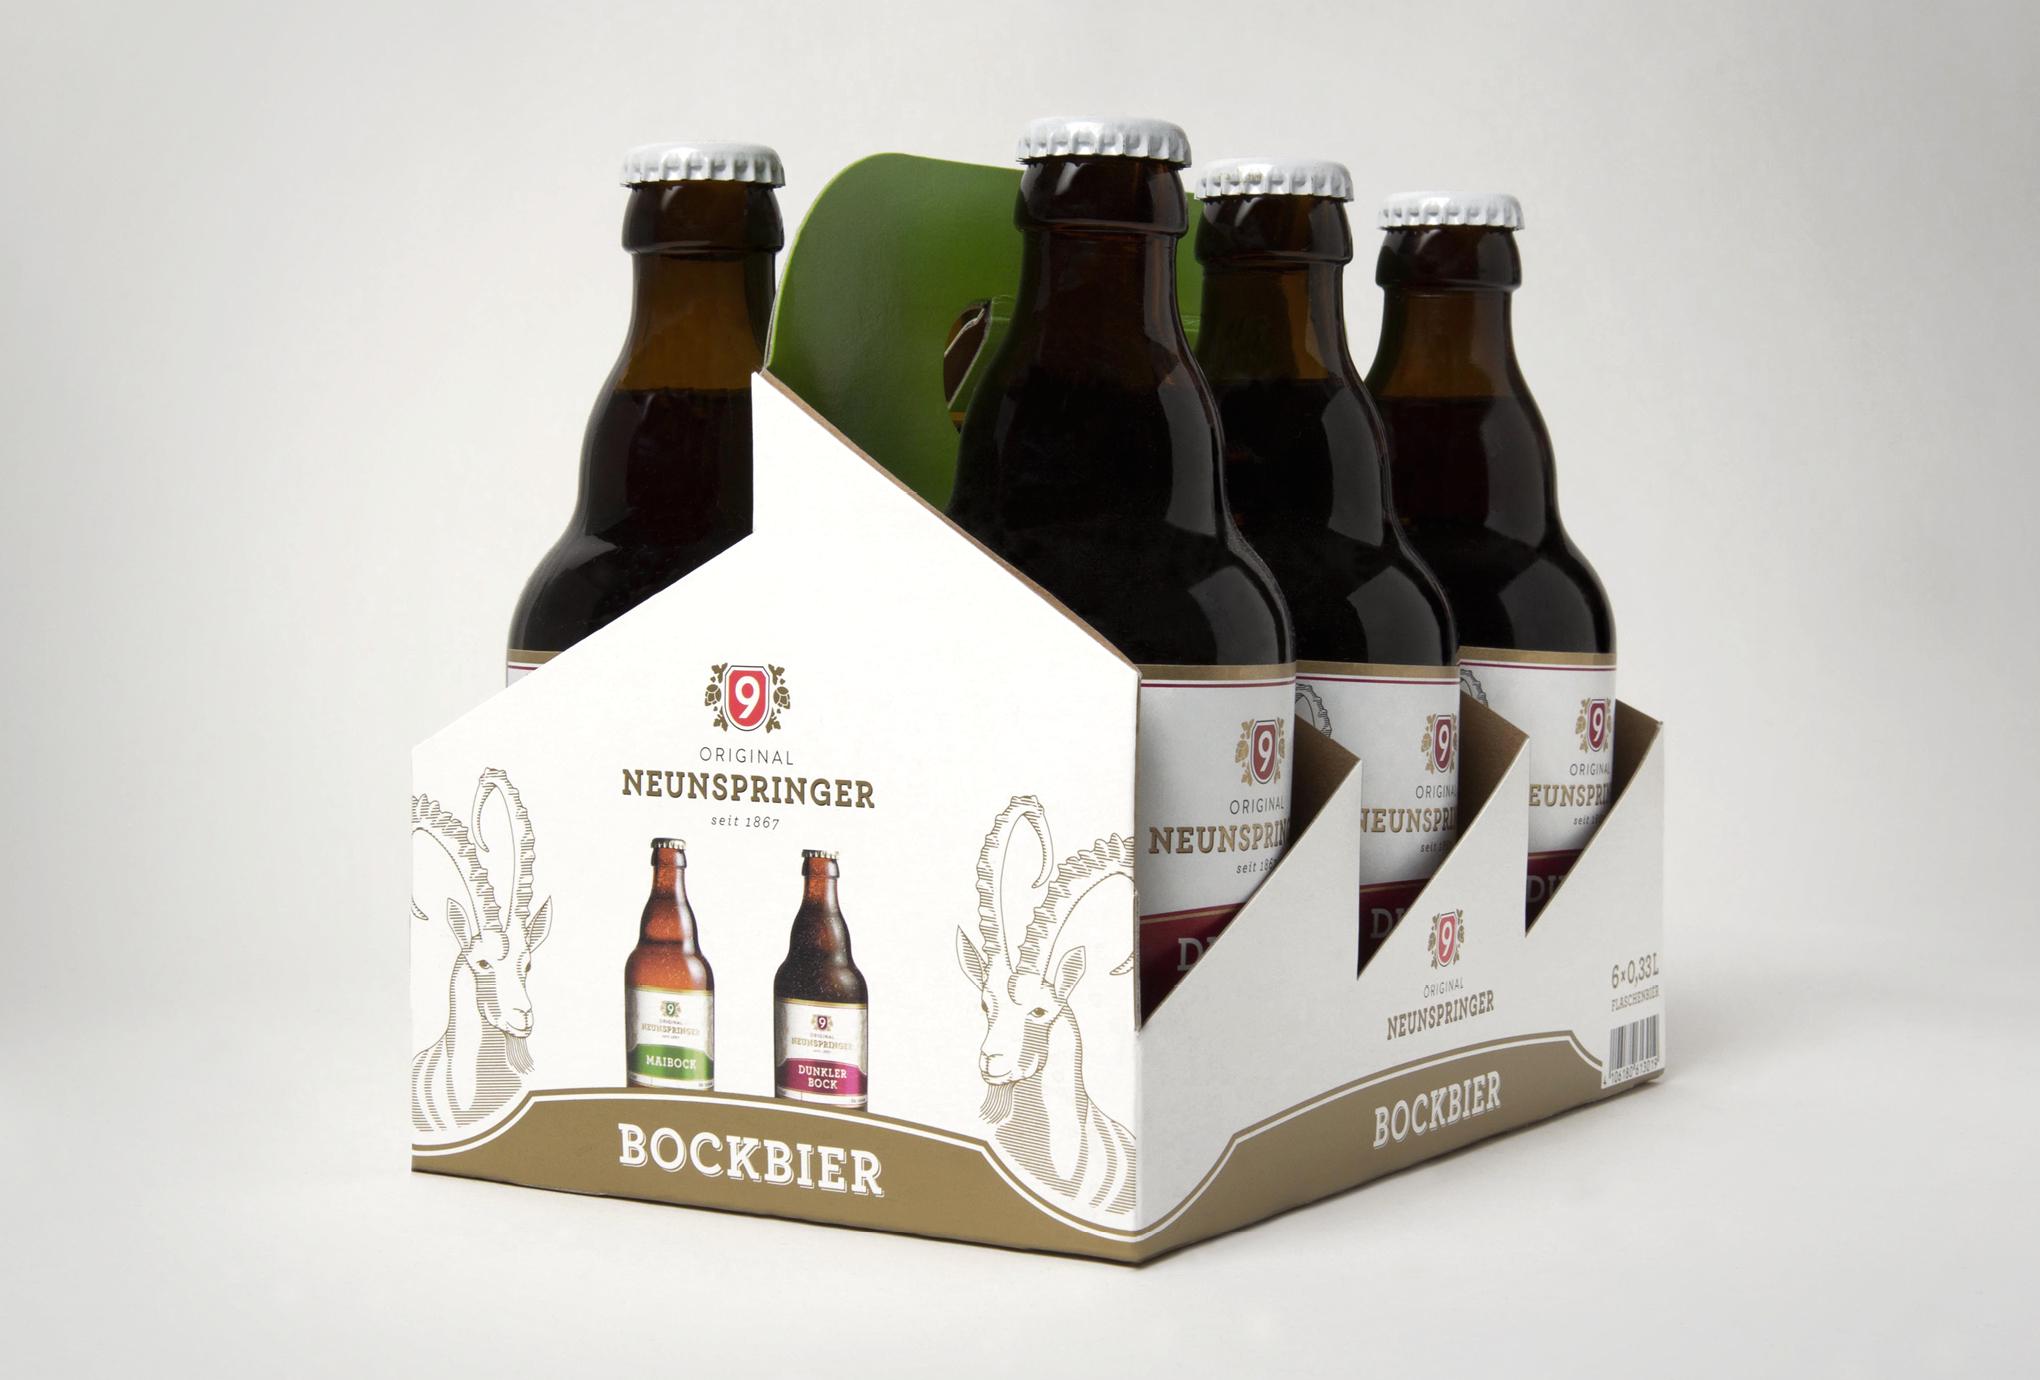 Bockbier der Brauerei Neunspringe